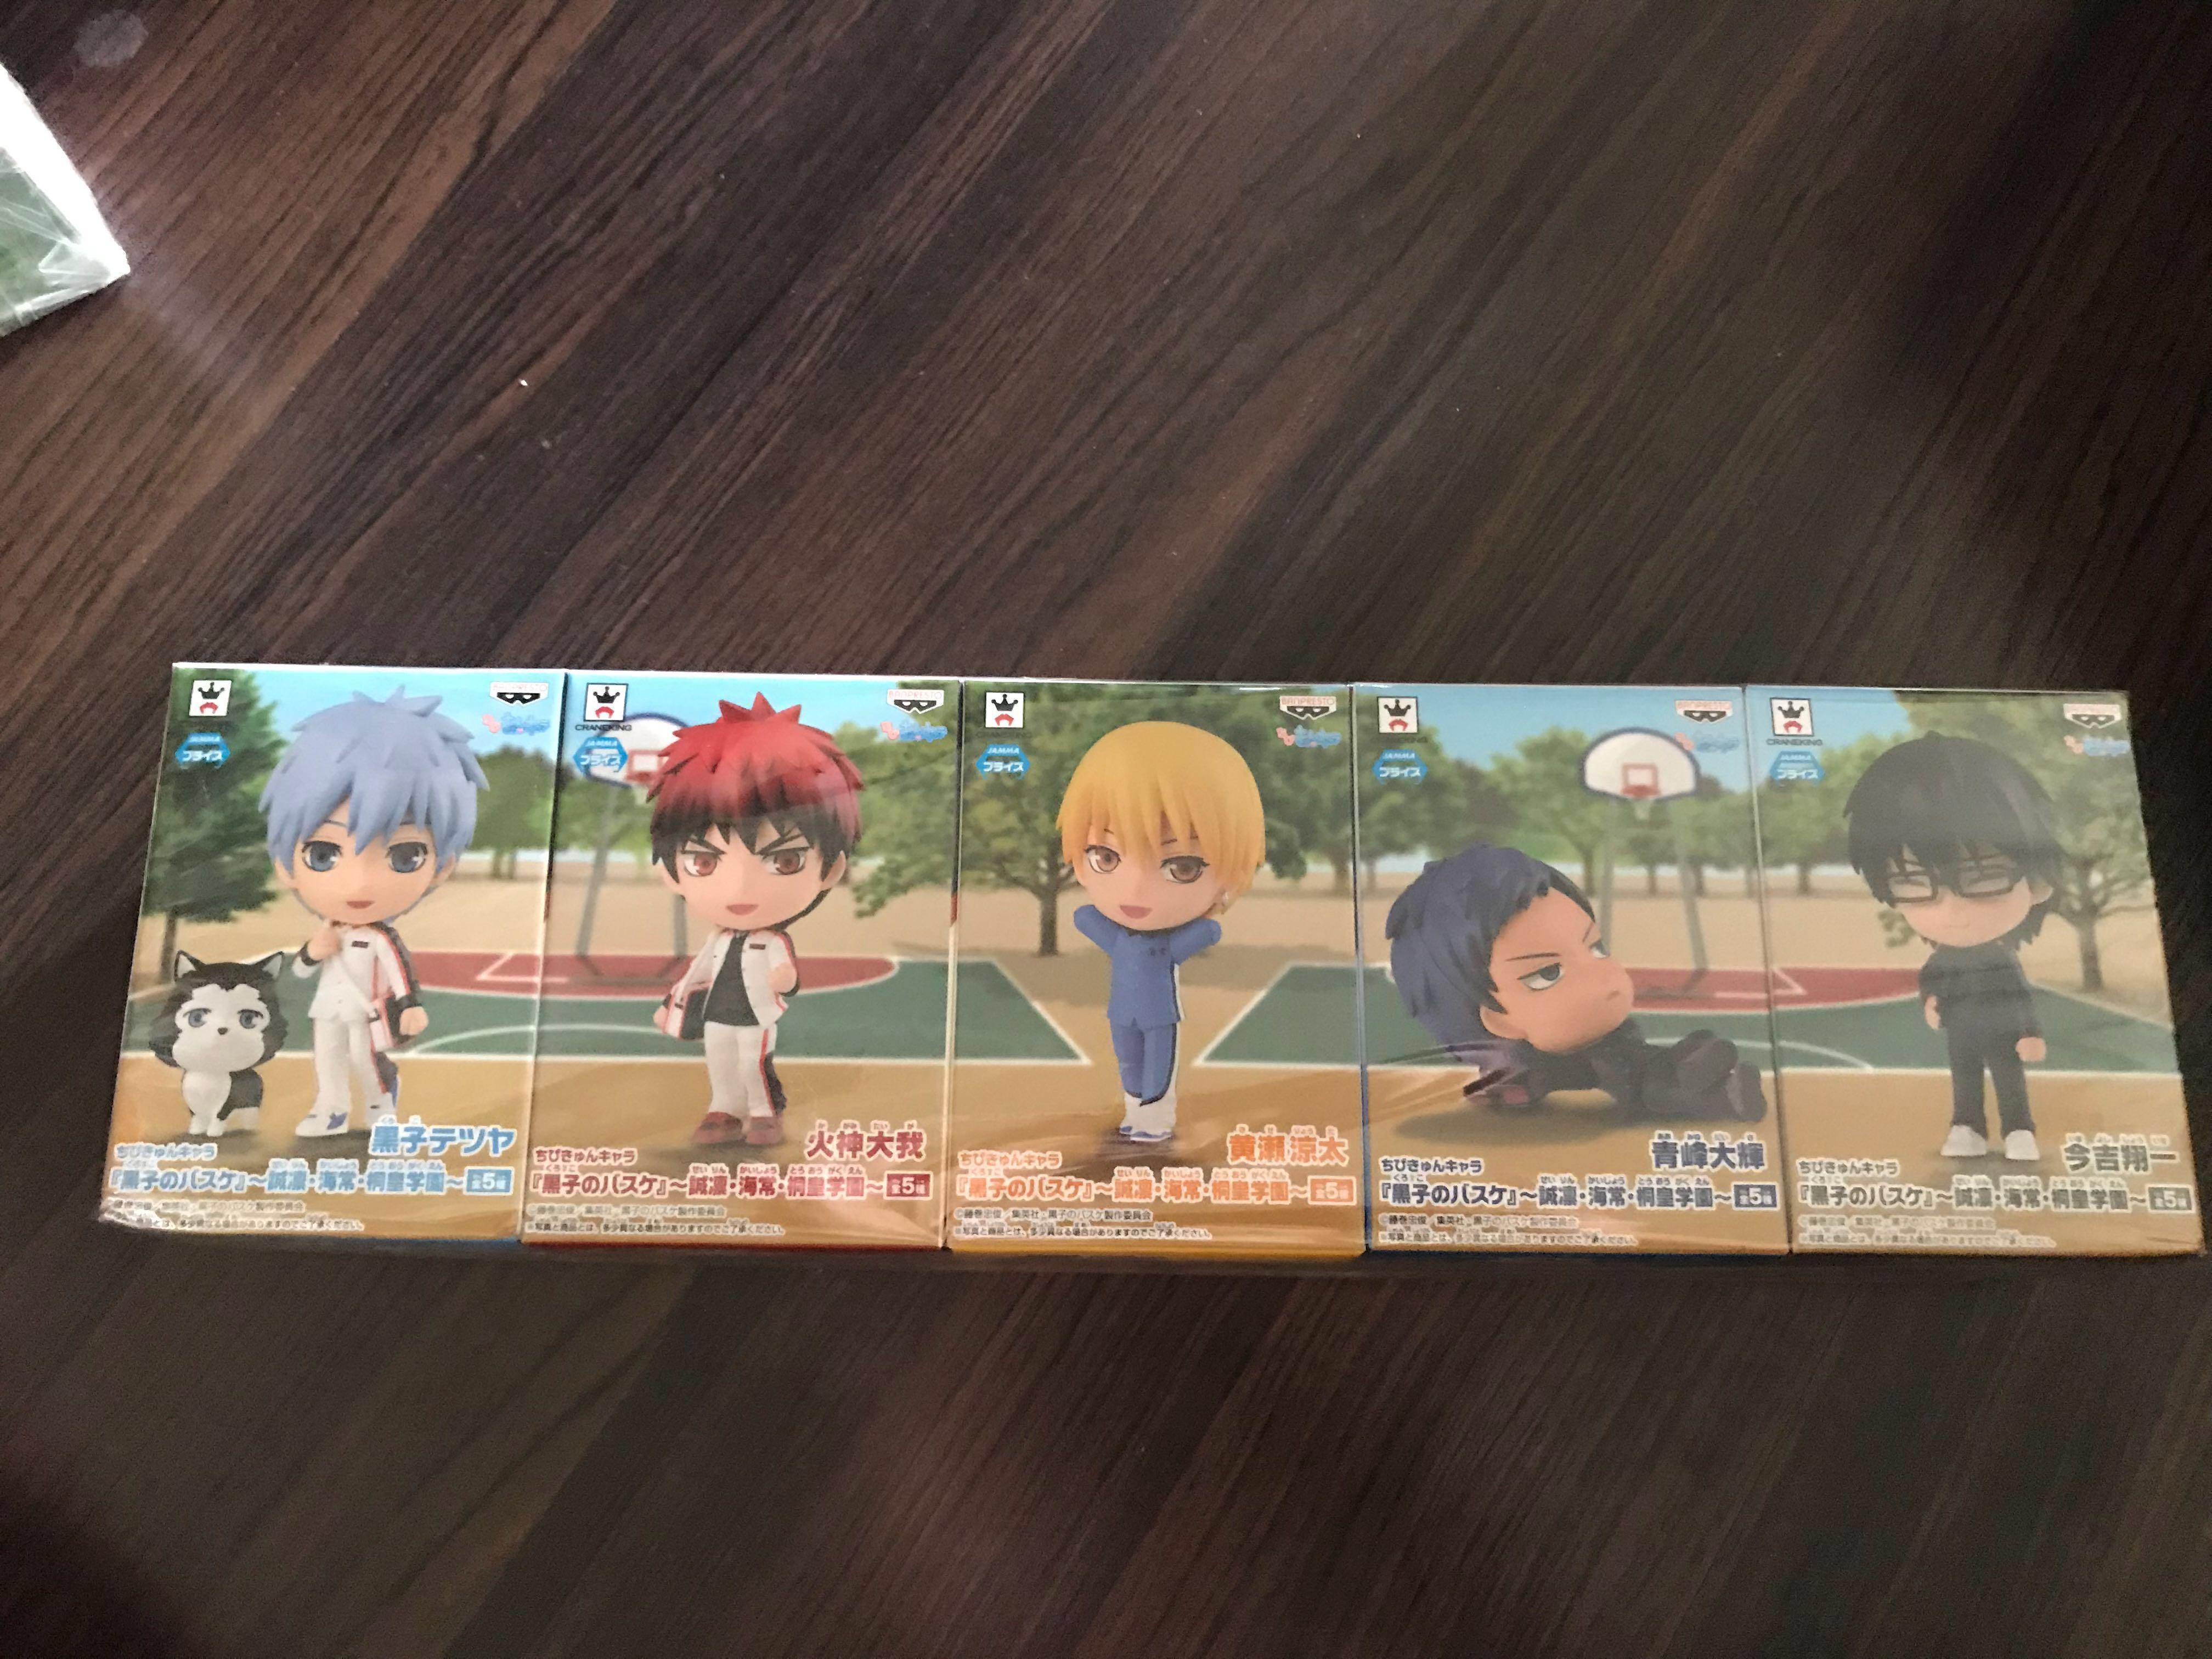 Chibi Kyun Characters of KUROKO NO BASUKE ~Seirin,Kaijou and